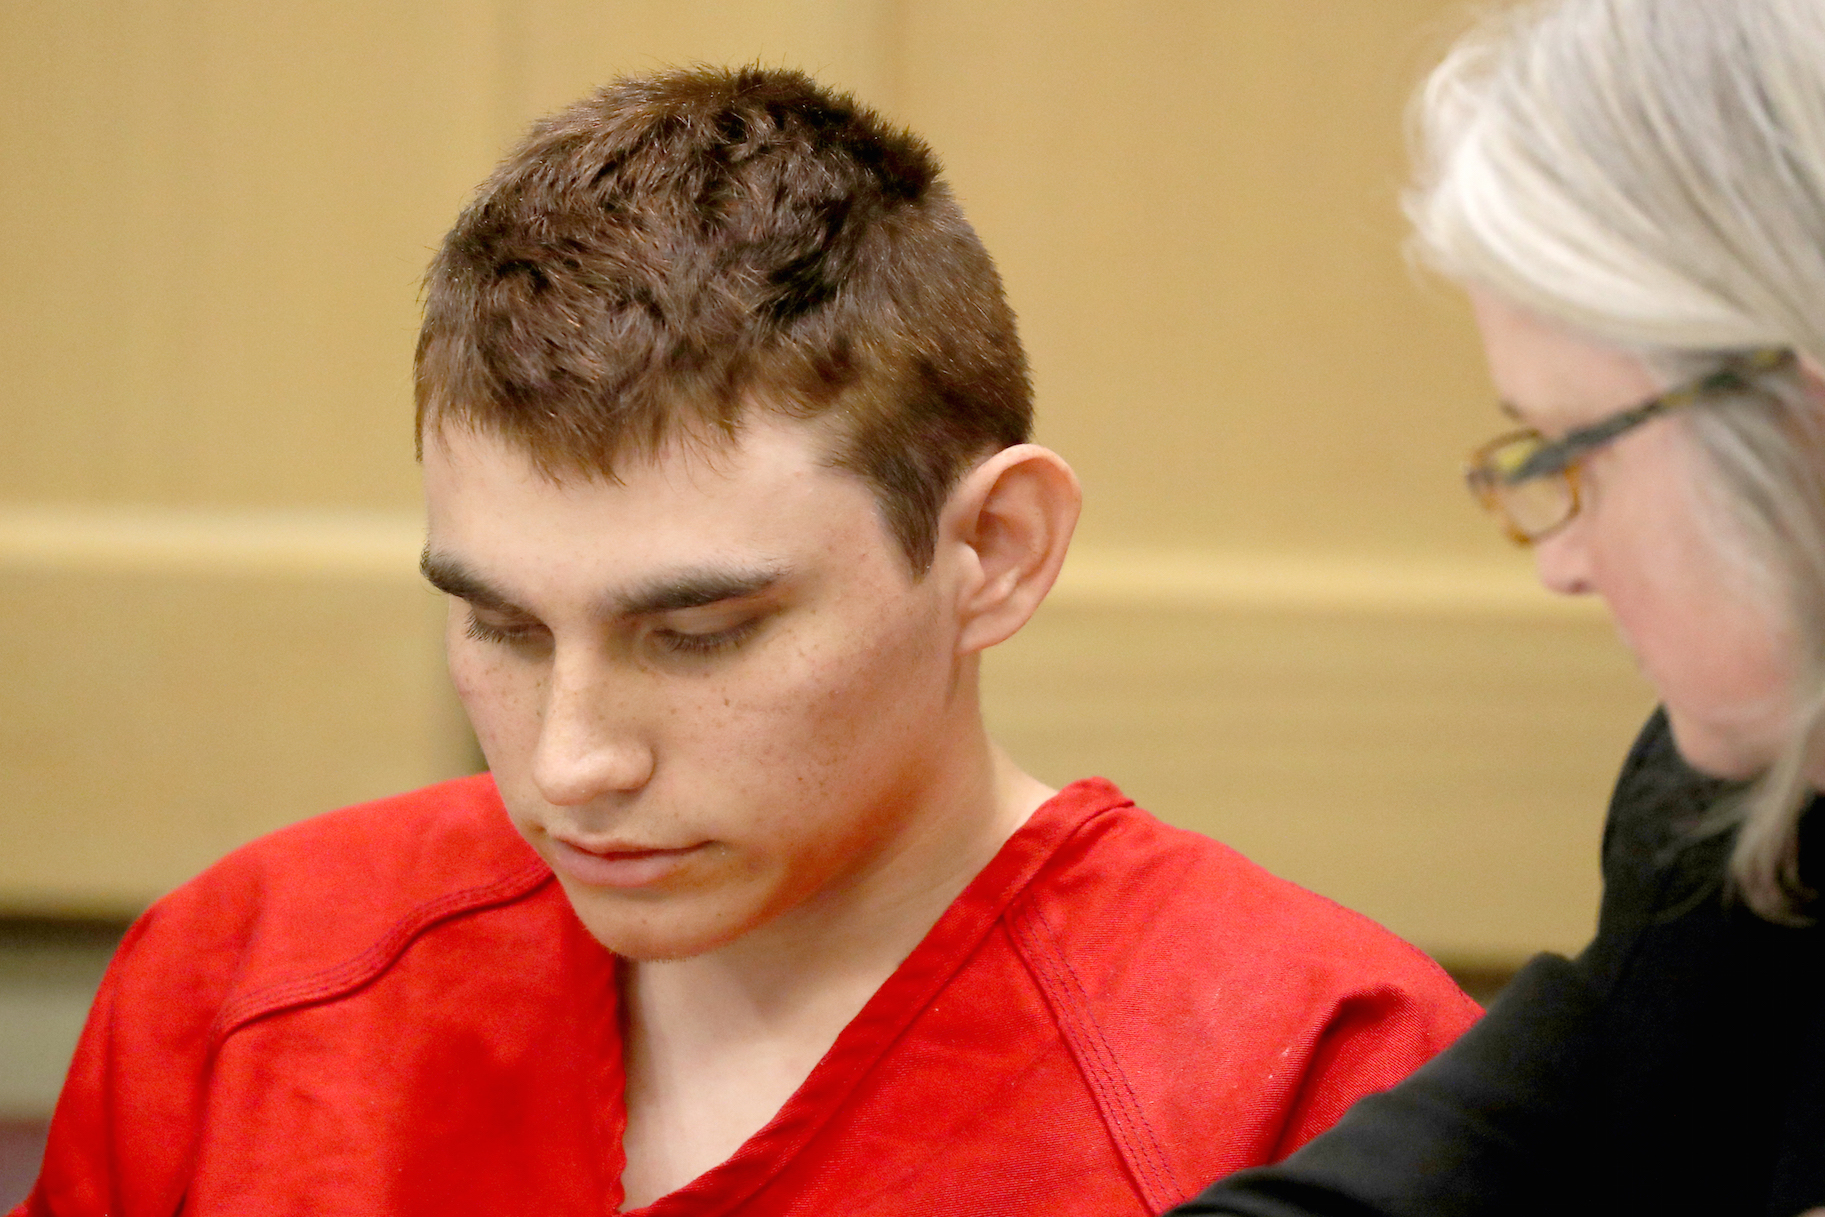 El hermano de Nikolas Cruz, asesino en una escuela de Florida, lamenta haberlo intimidado